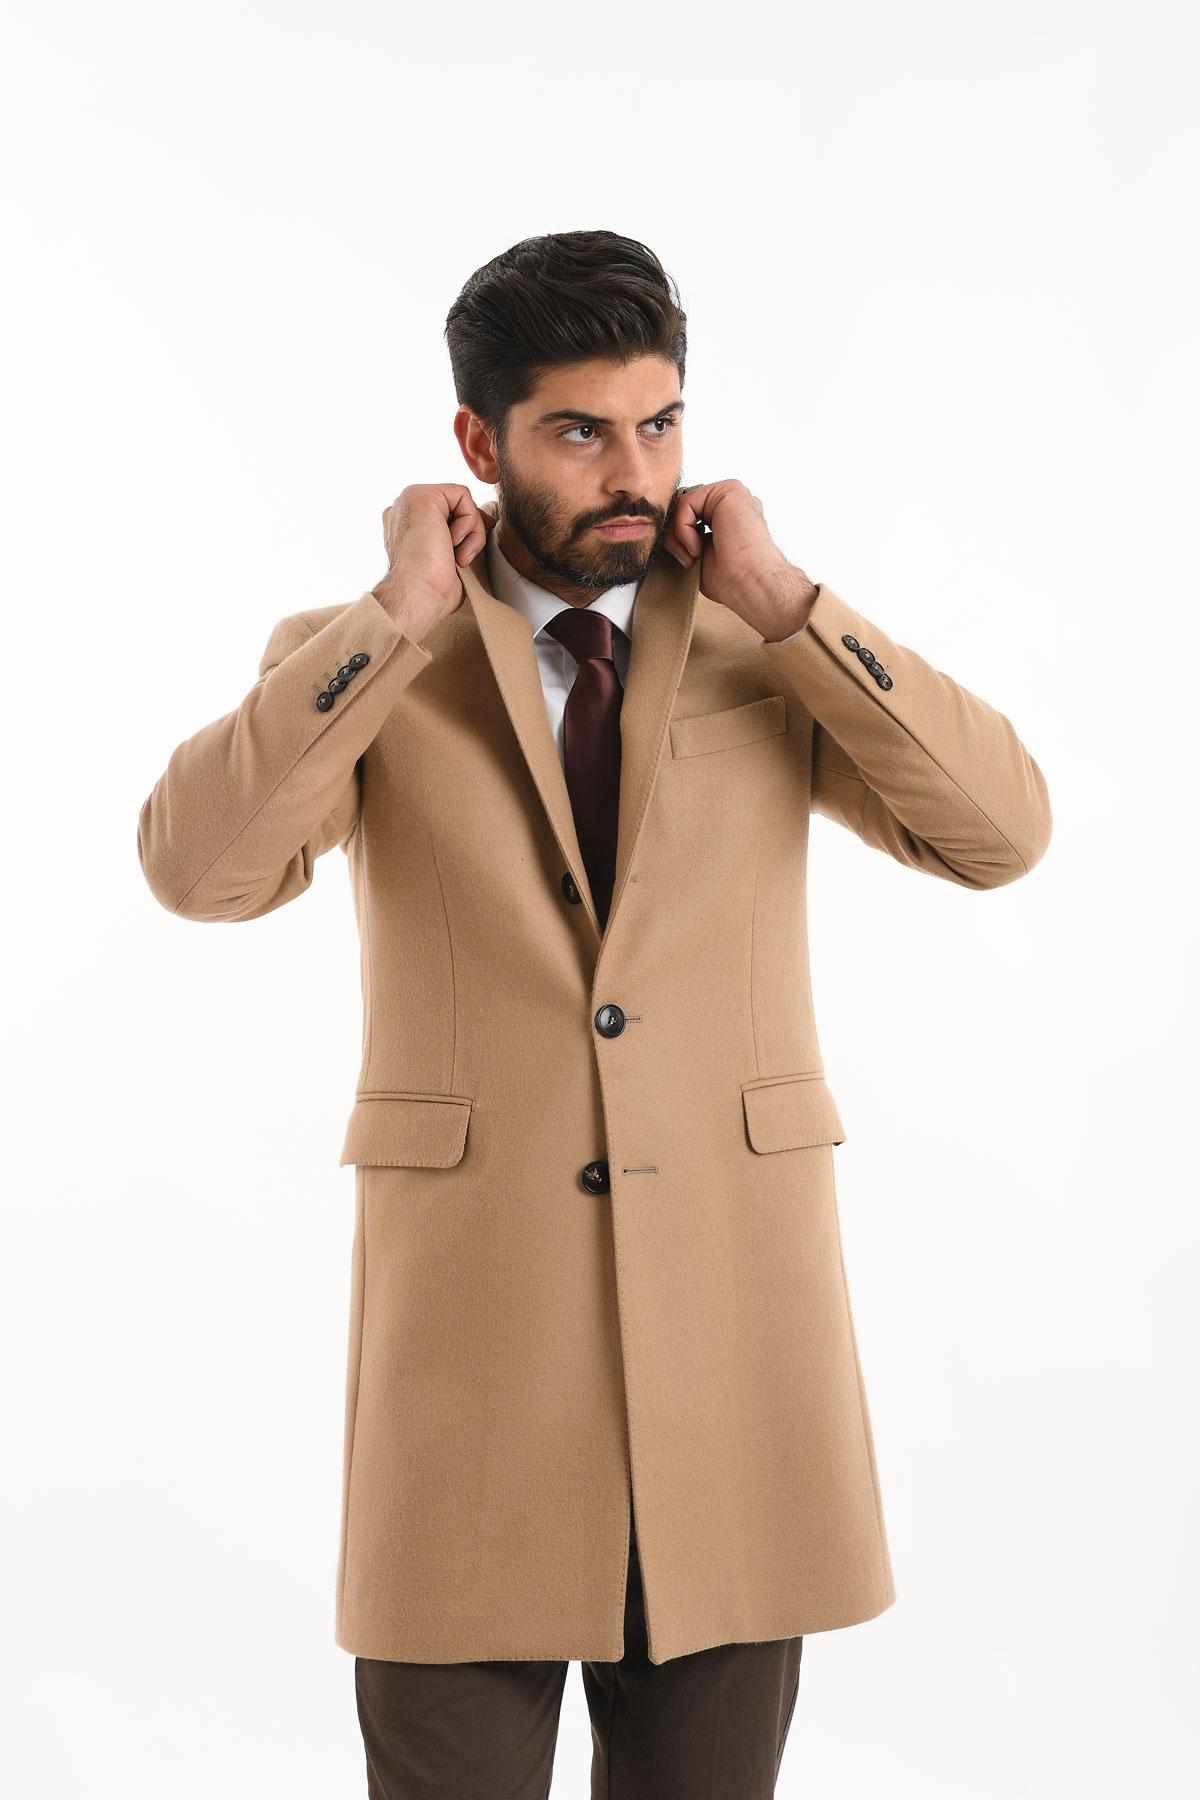 aa4709ebb763 Cappotti da uomo collezione 2017 2018 – ITALSUD confezioni